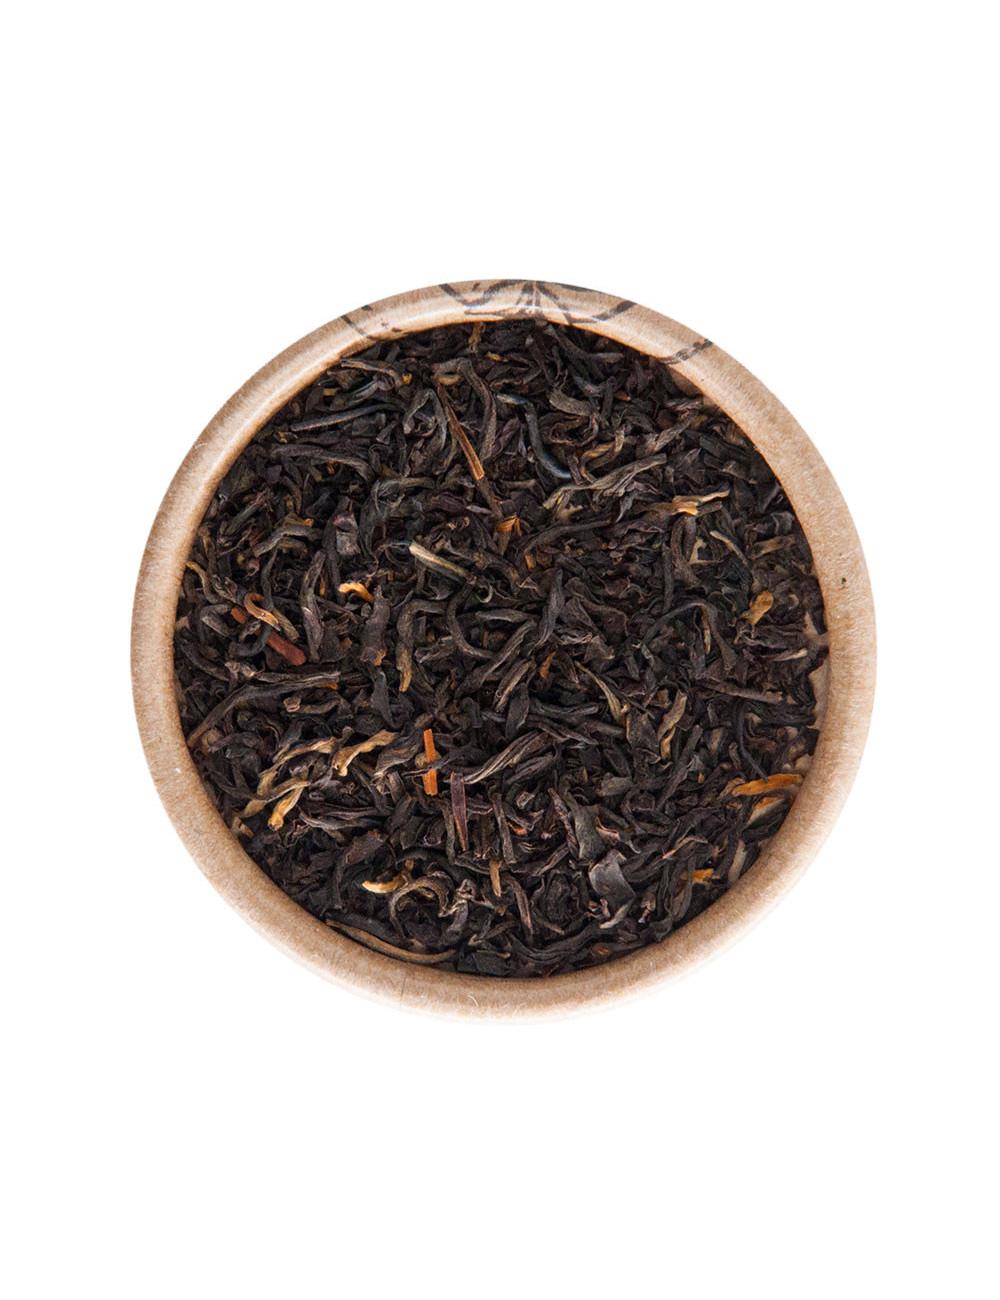 Assam Koomsong FTGFOP1 tè nero - La Pianta del Tè shop online